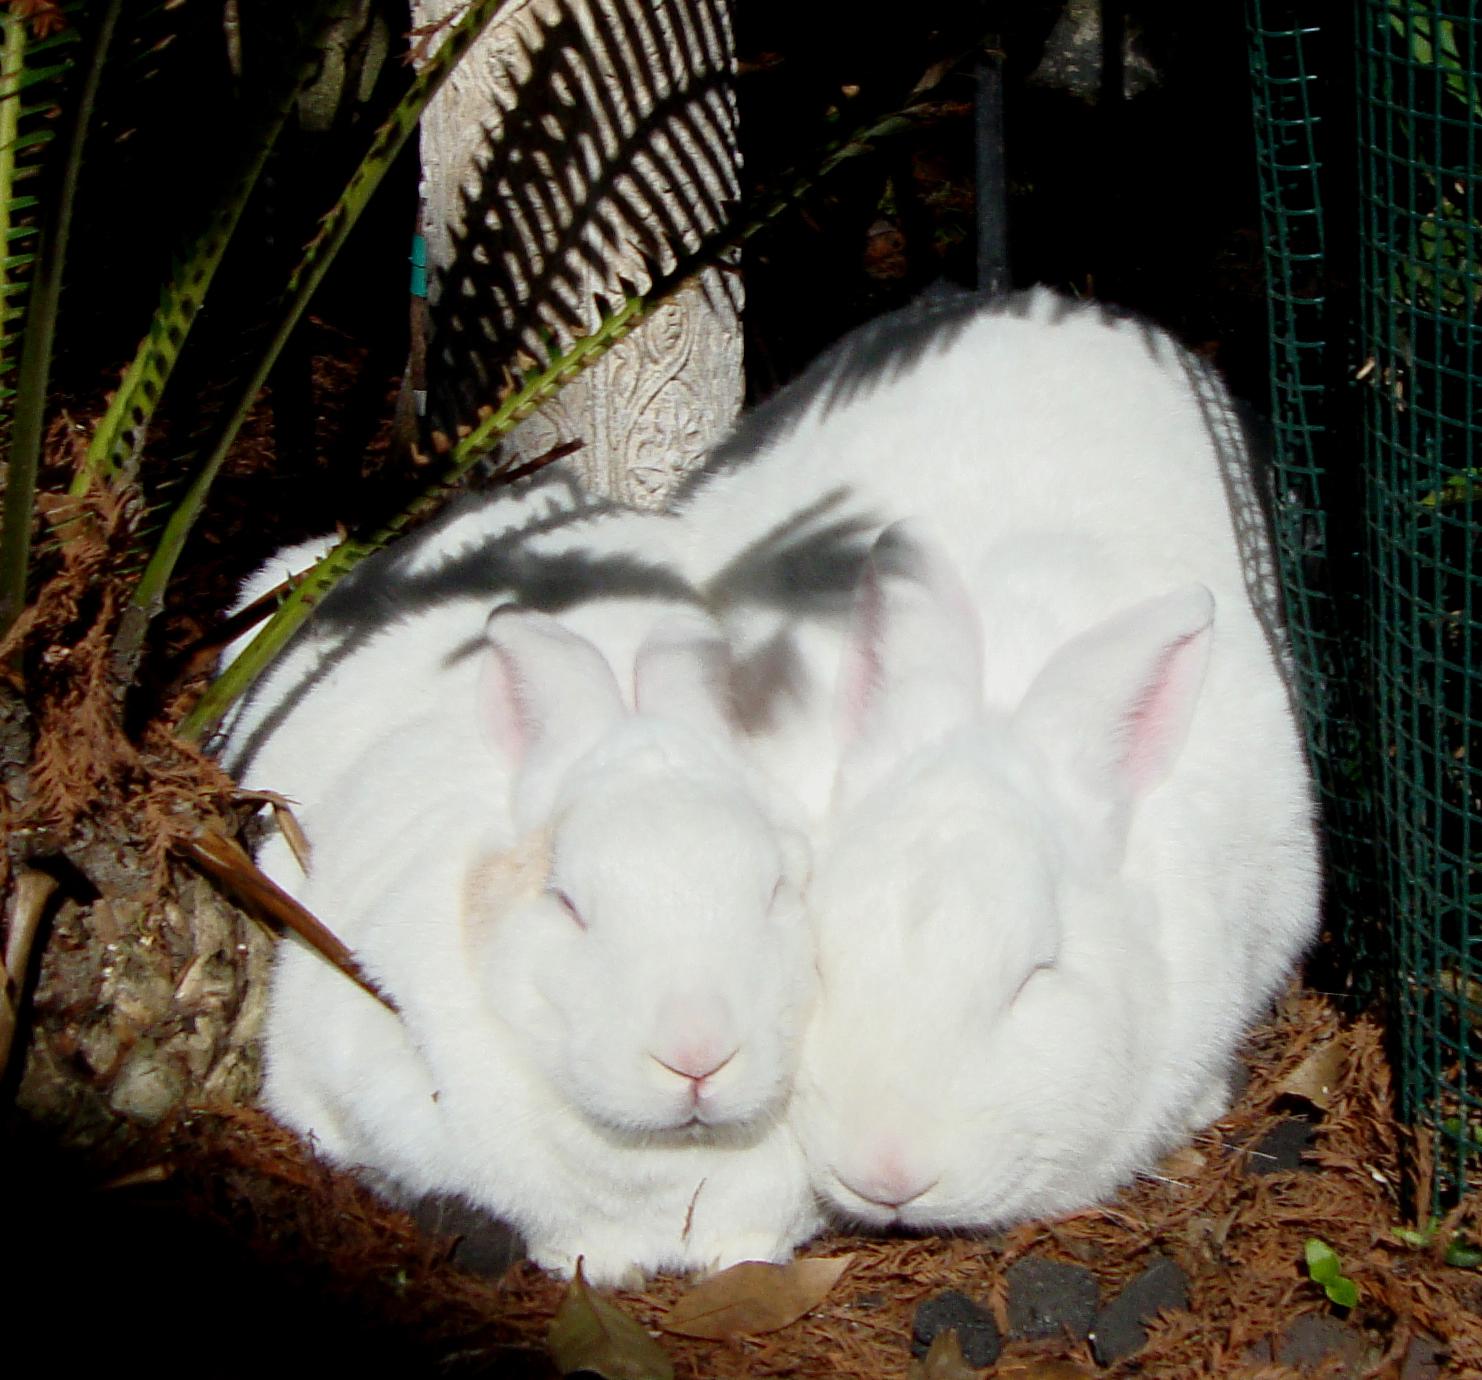 white rabbits